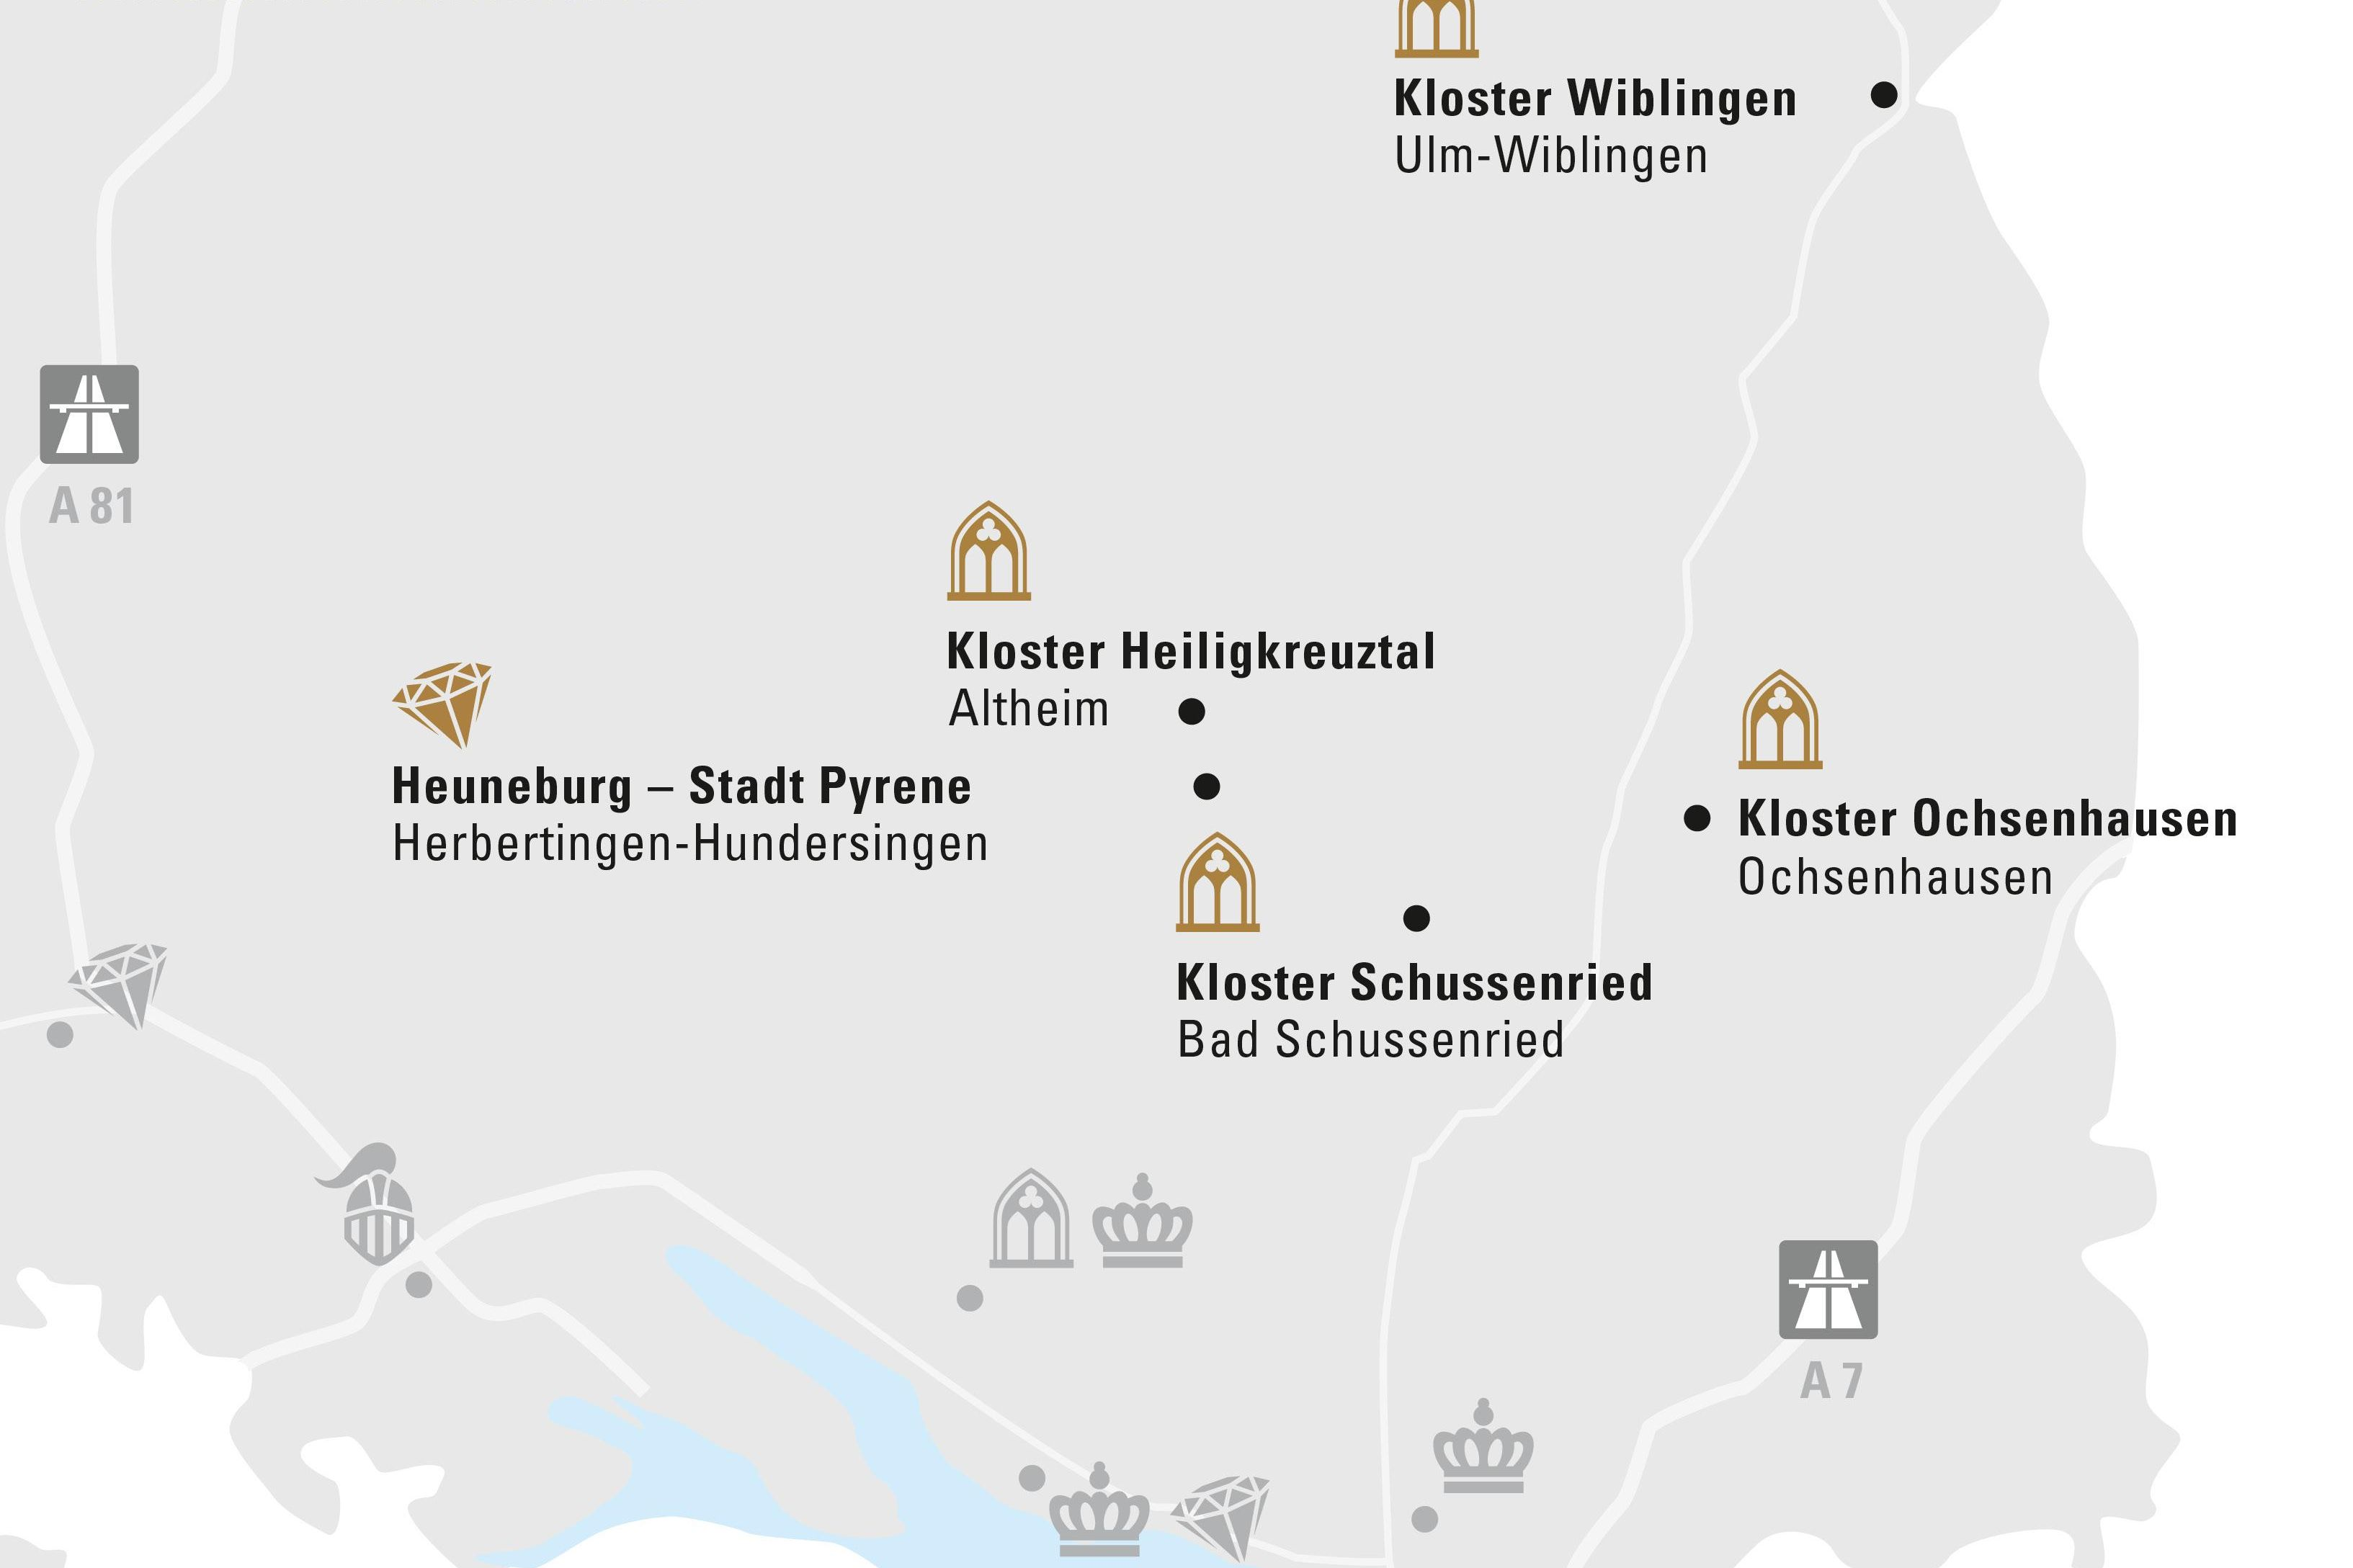 Region Oberschwaben & Ulm; Entwurf: Staatliche Schlösser und Gärten Baden-Württemberg, JUNG:Kommunikation